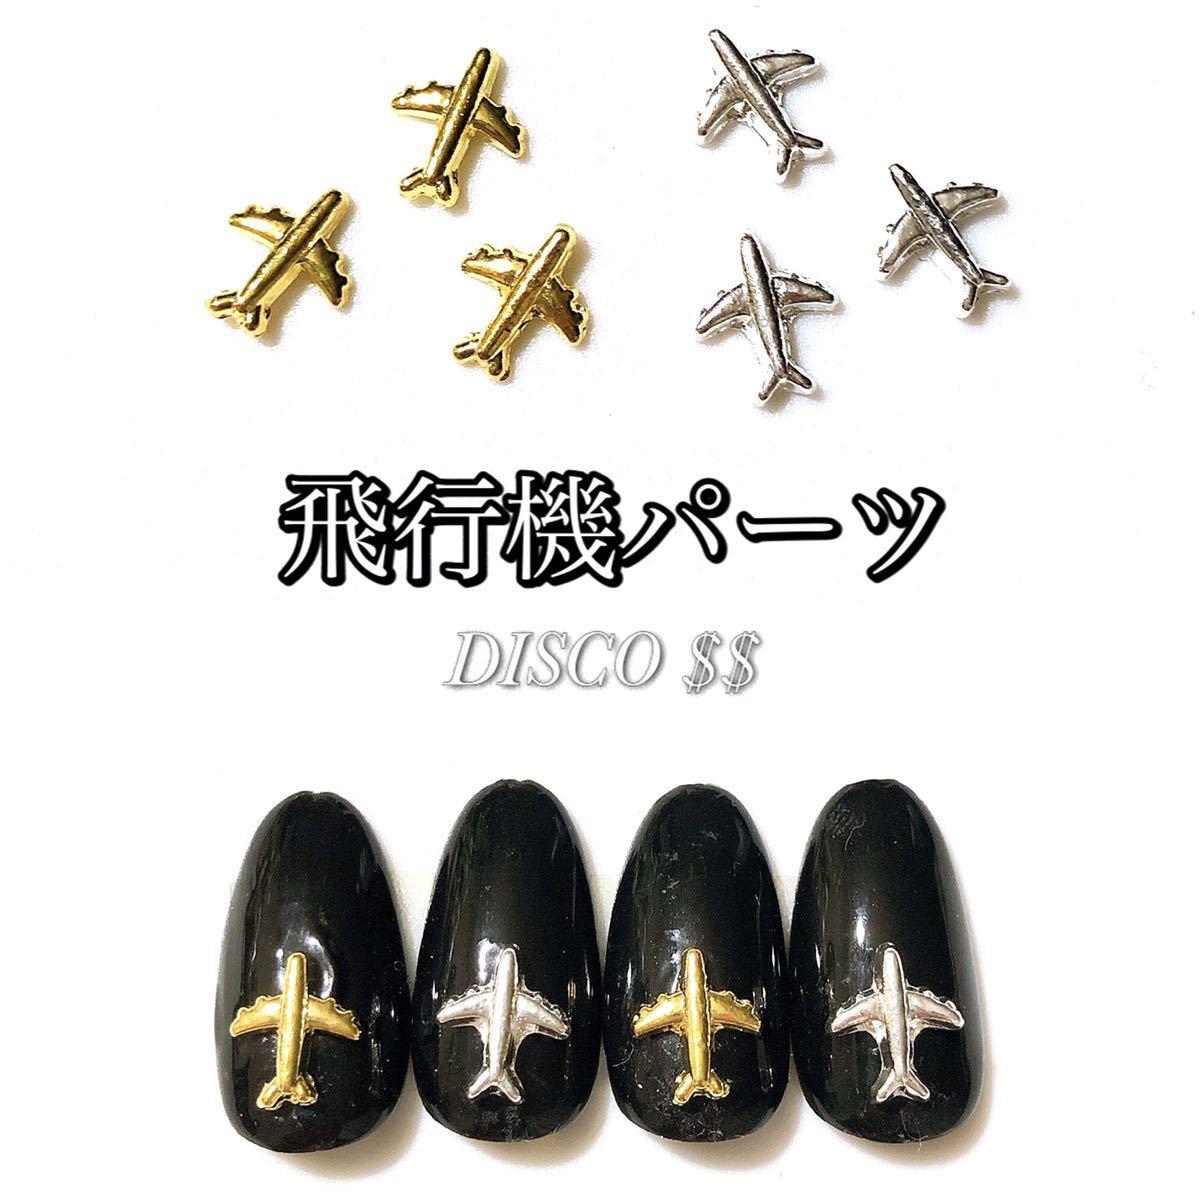 【送料込み】メタルネイルパーツ 10個セット【新品未使用】ネイルアート 飛行機 ゴールド